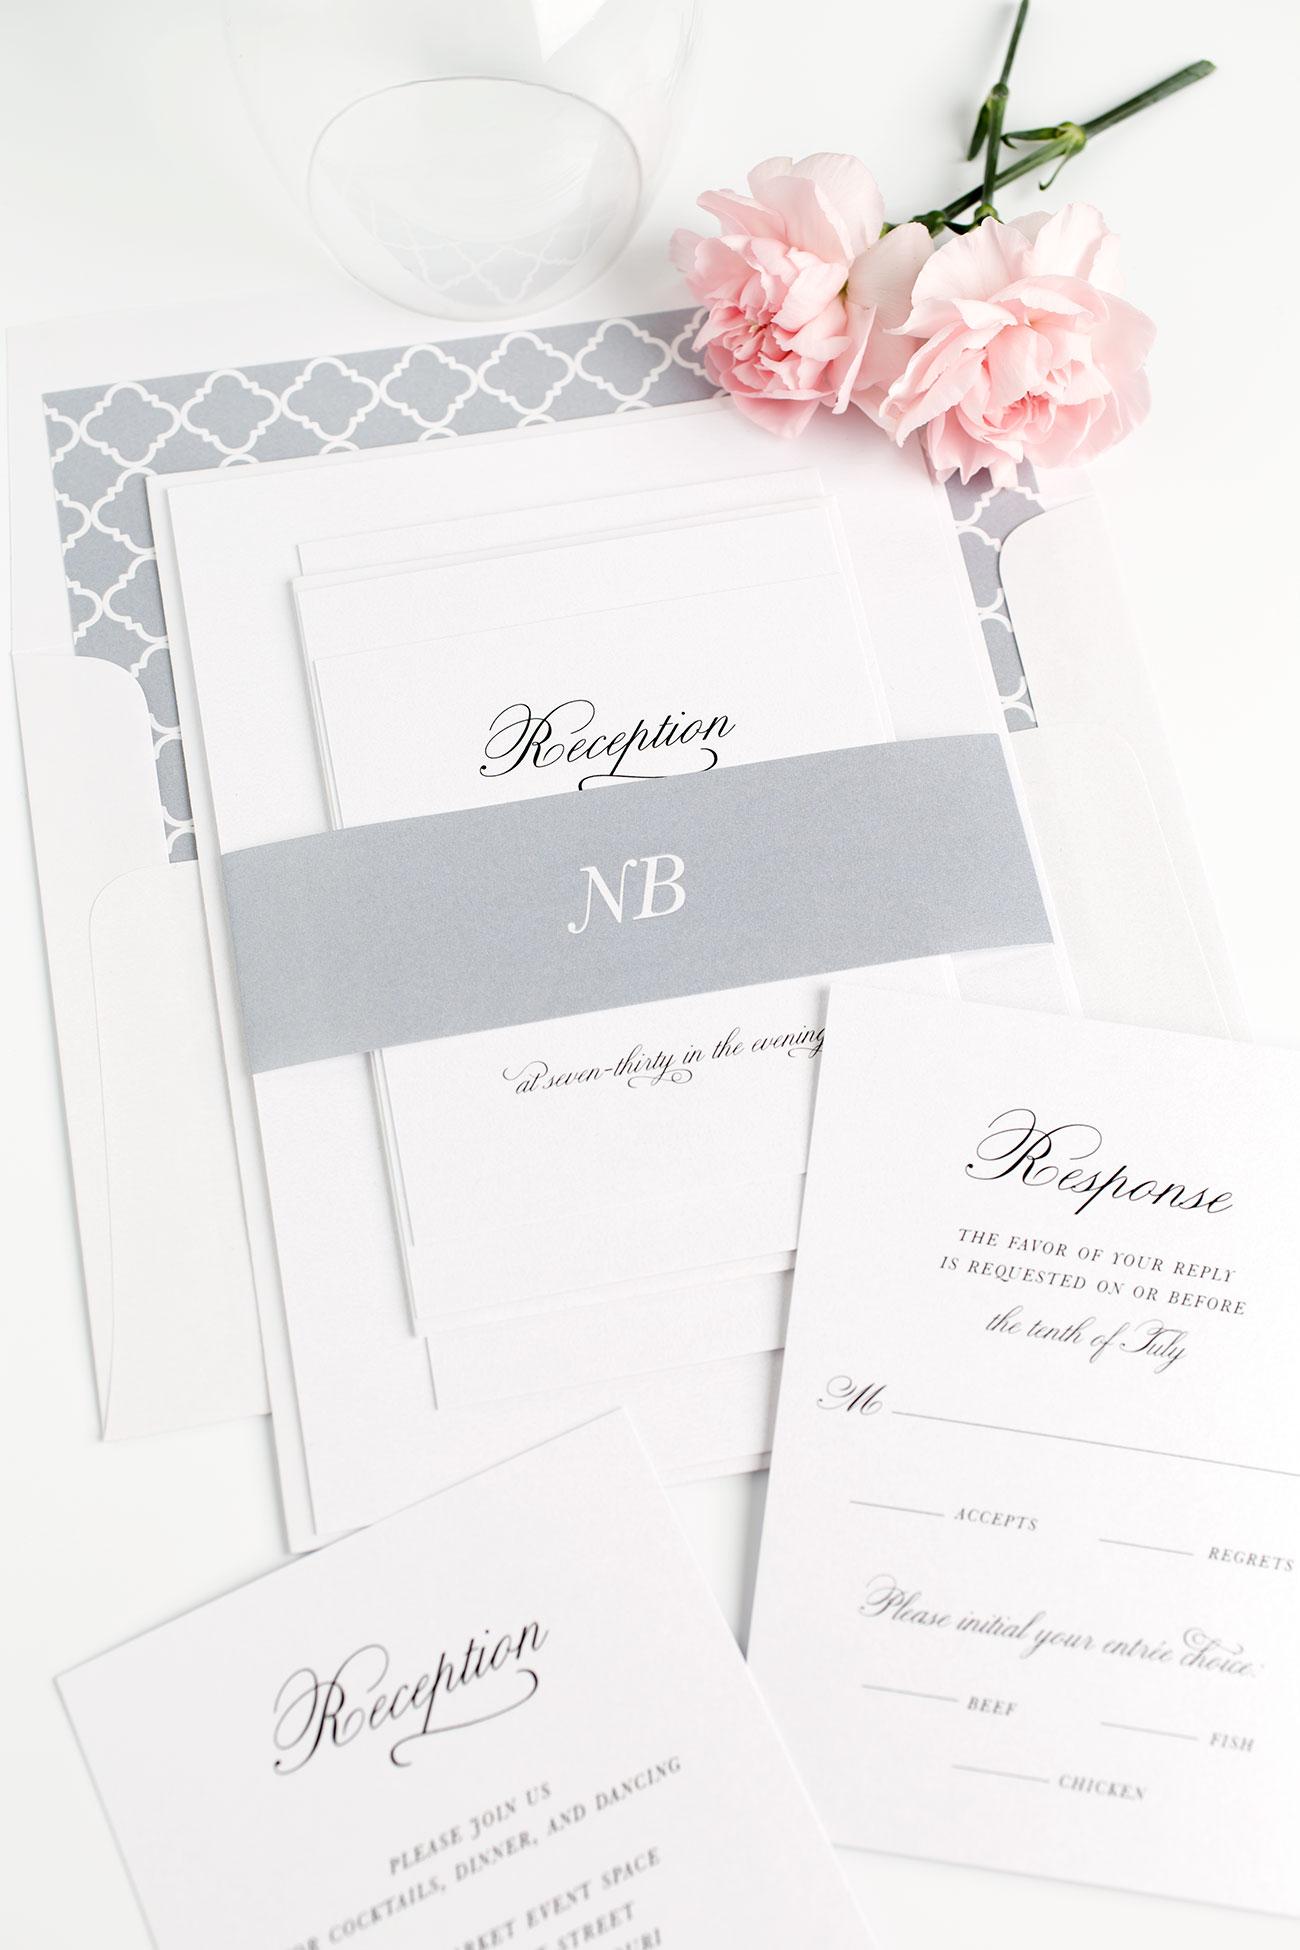 30 Classic Wedding Invitations Ideas  Wohh Wedding